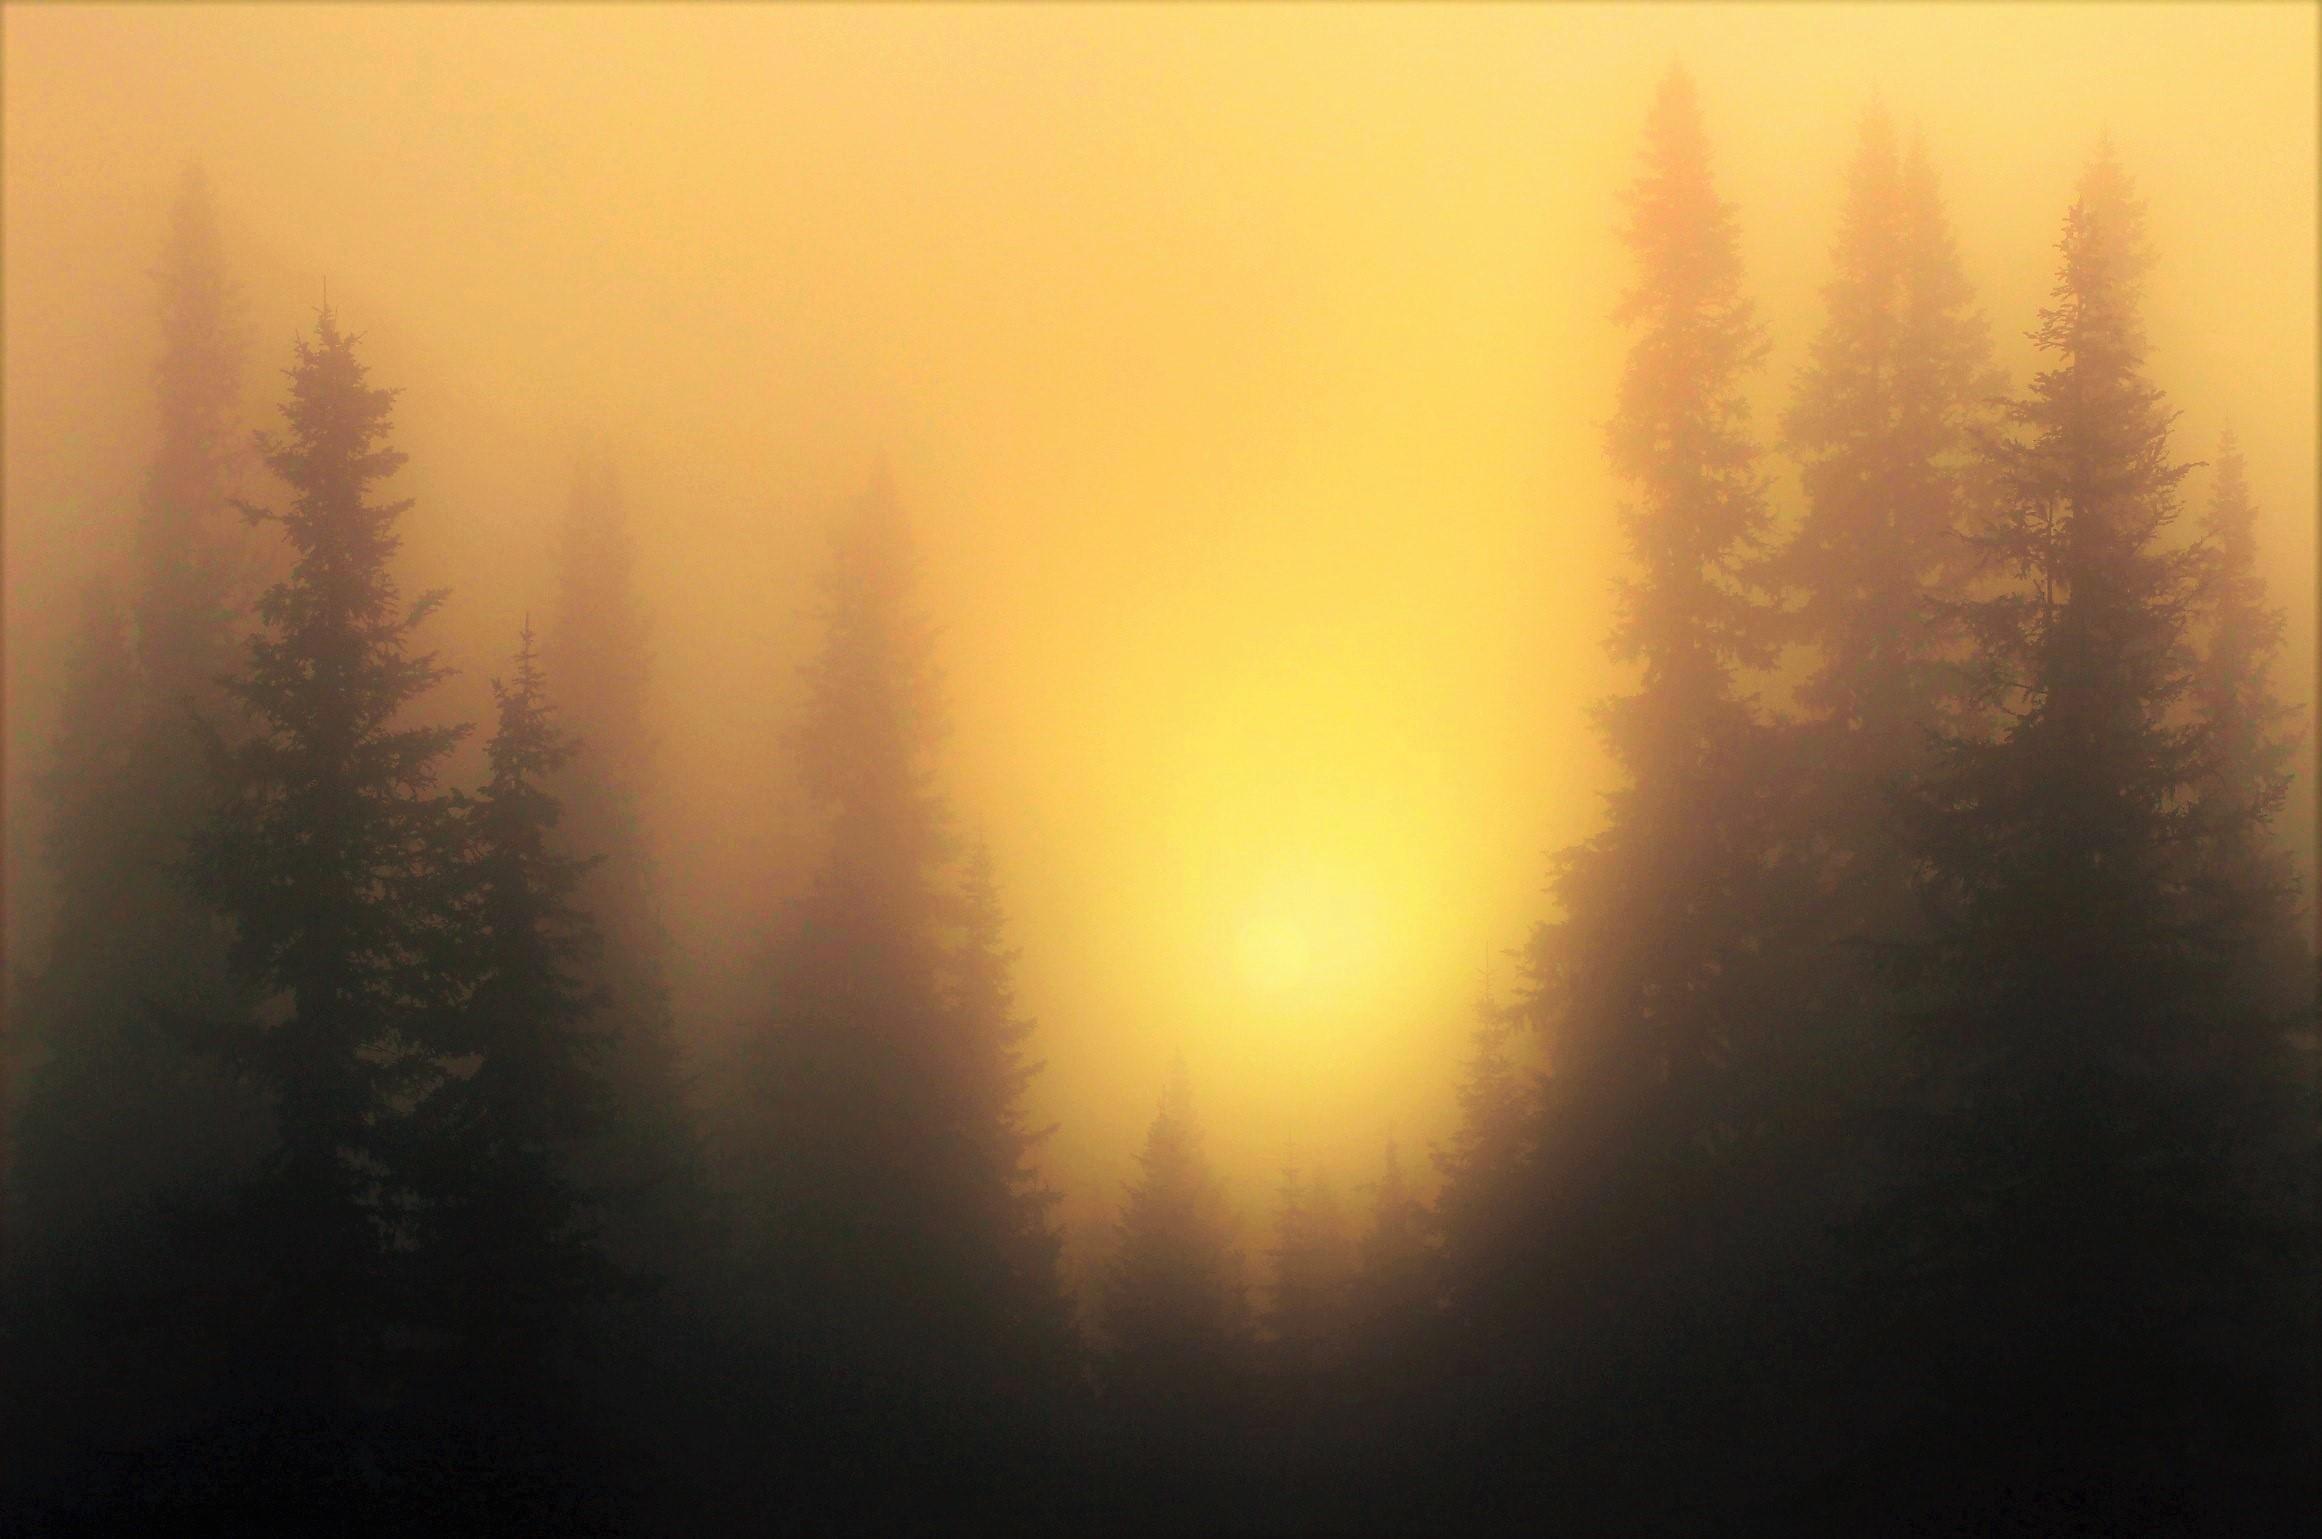 В утреннем мареве тумана